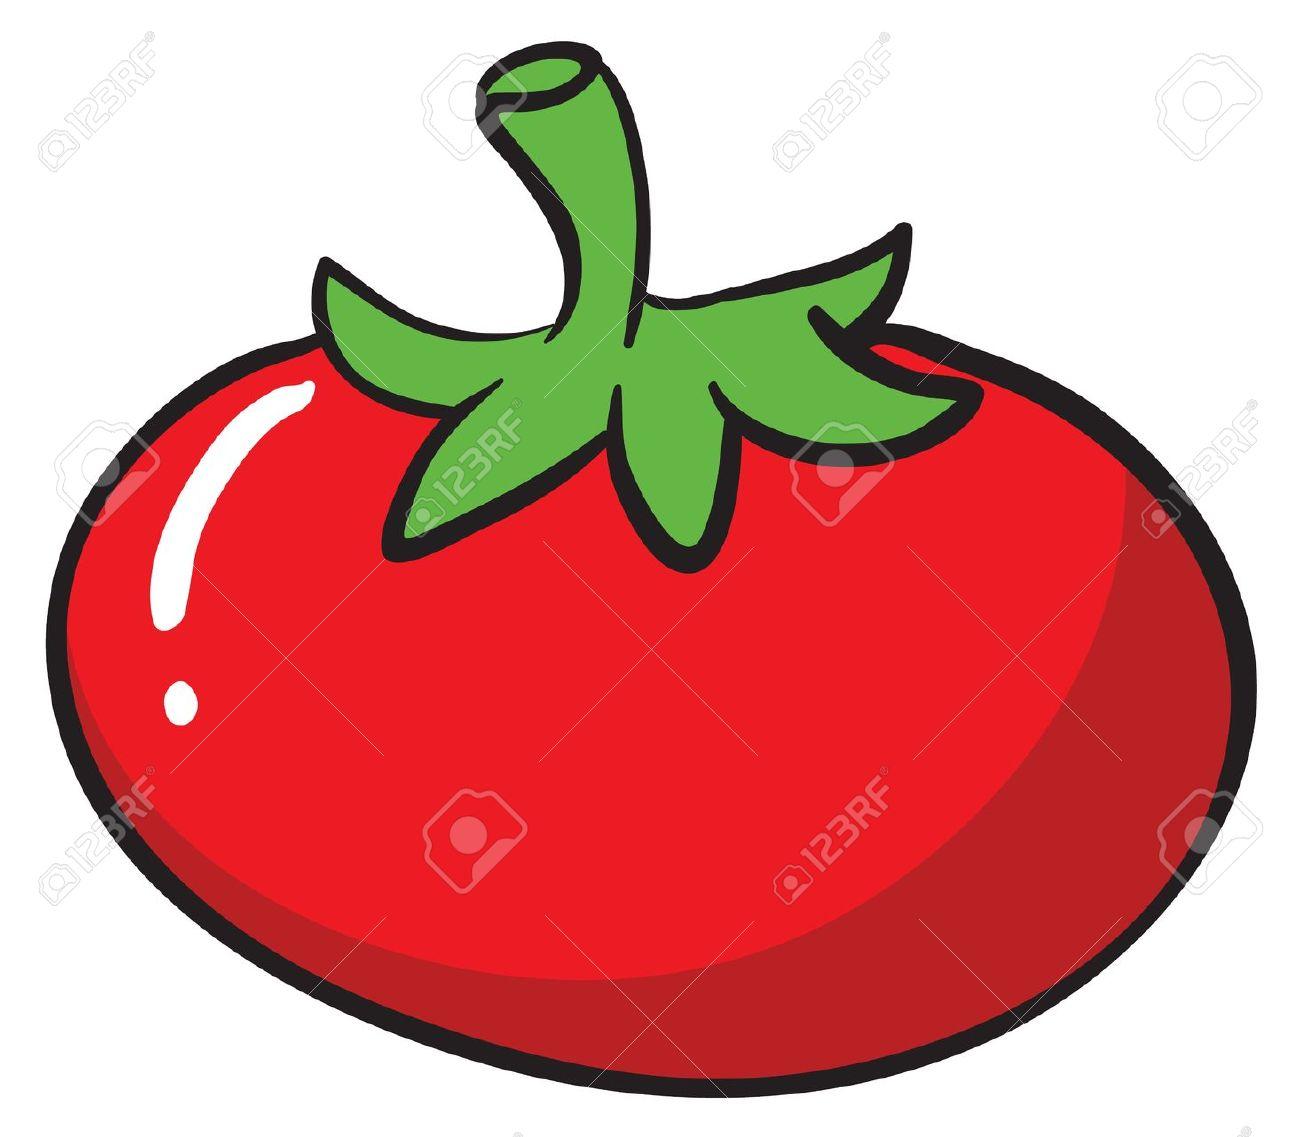 Drawn tomato cute cartoon Clipartwork Tomato Clip of Tomato